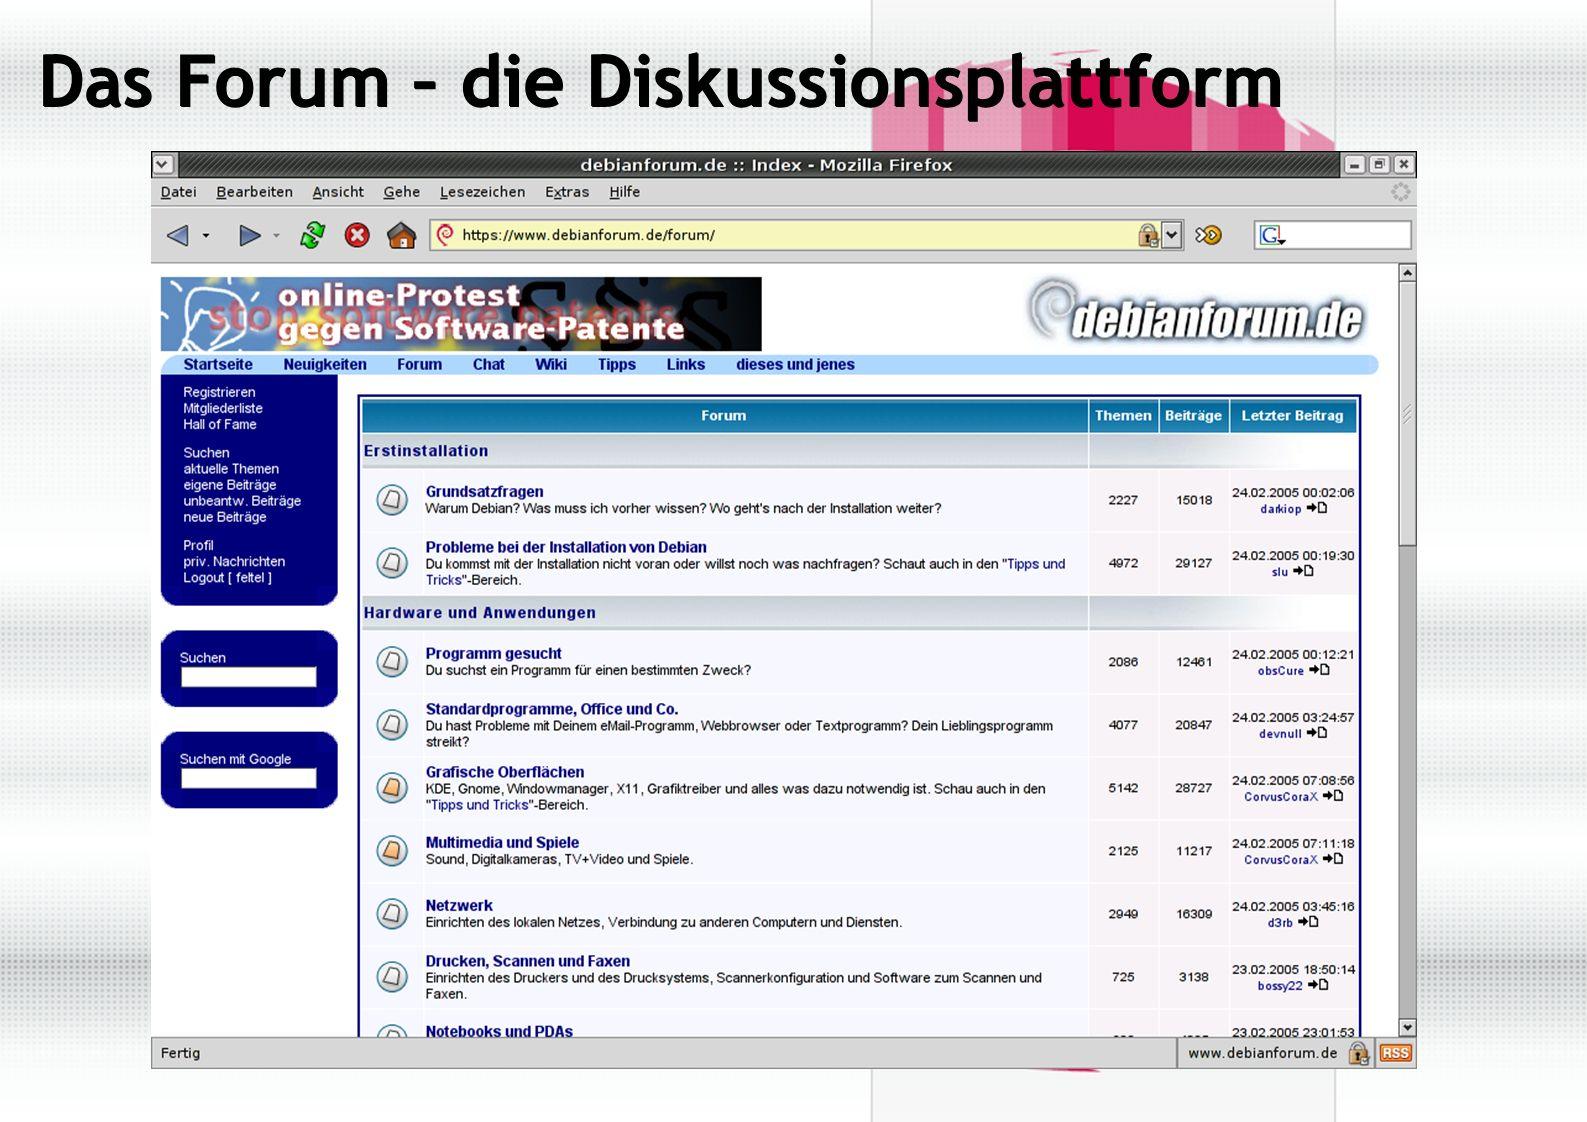 debianforum.de – ein paar Details ● Fast 500.000 Beiträge in mehr als 78.000 Themen erstellt von über 18.000 Mitgliedern ● Betreuung durch ein dreiköpfiges administratives Team, das sich über eine Mailingliste koordiniert und die Weiterentwicklung von debianforum.de bespricht.